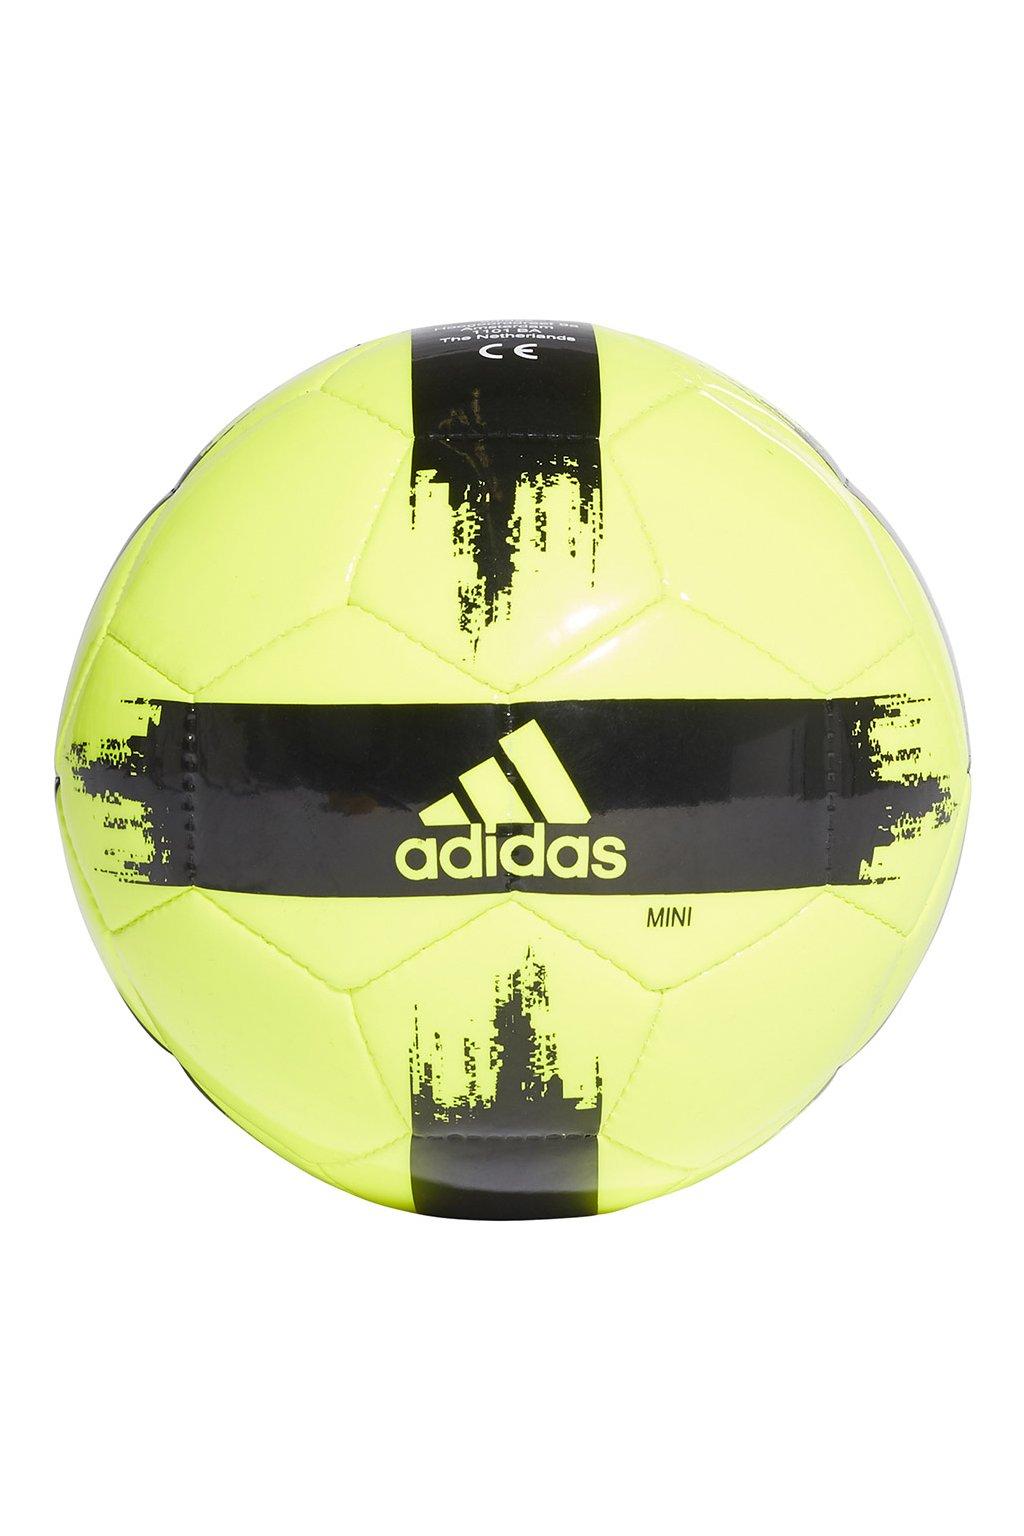 Futbalová lopta adidas Epp mini žlto-čierna GI9295